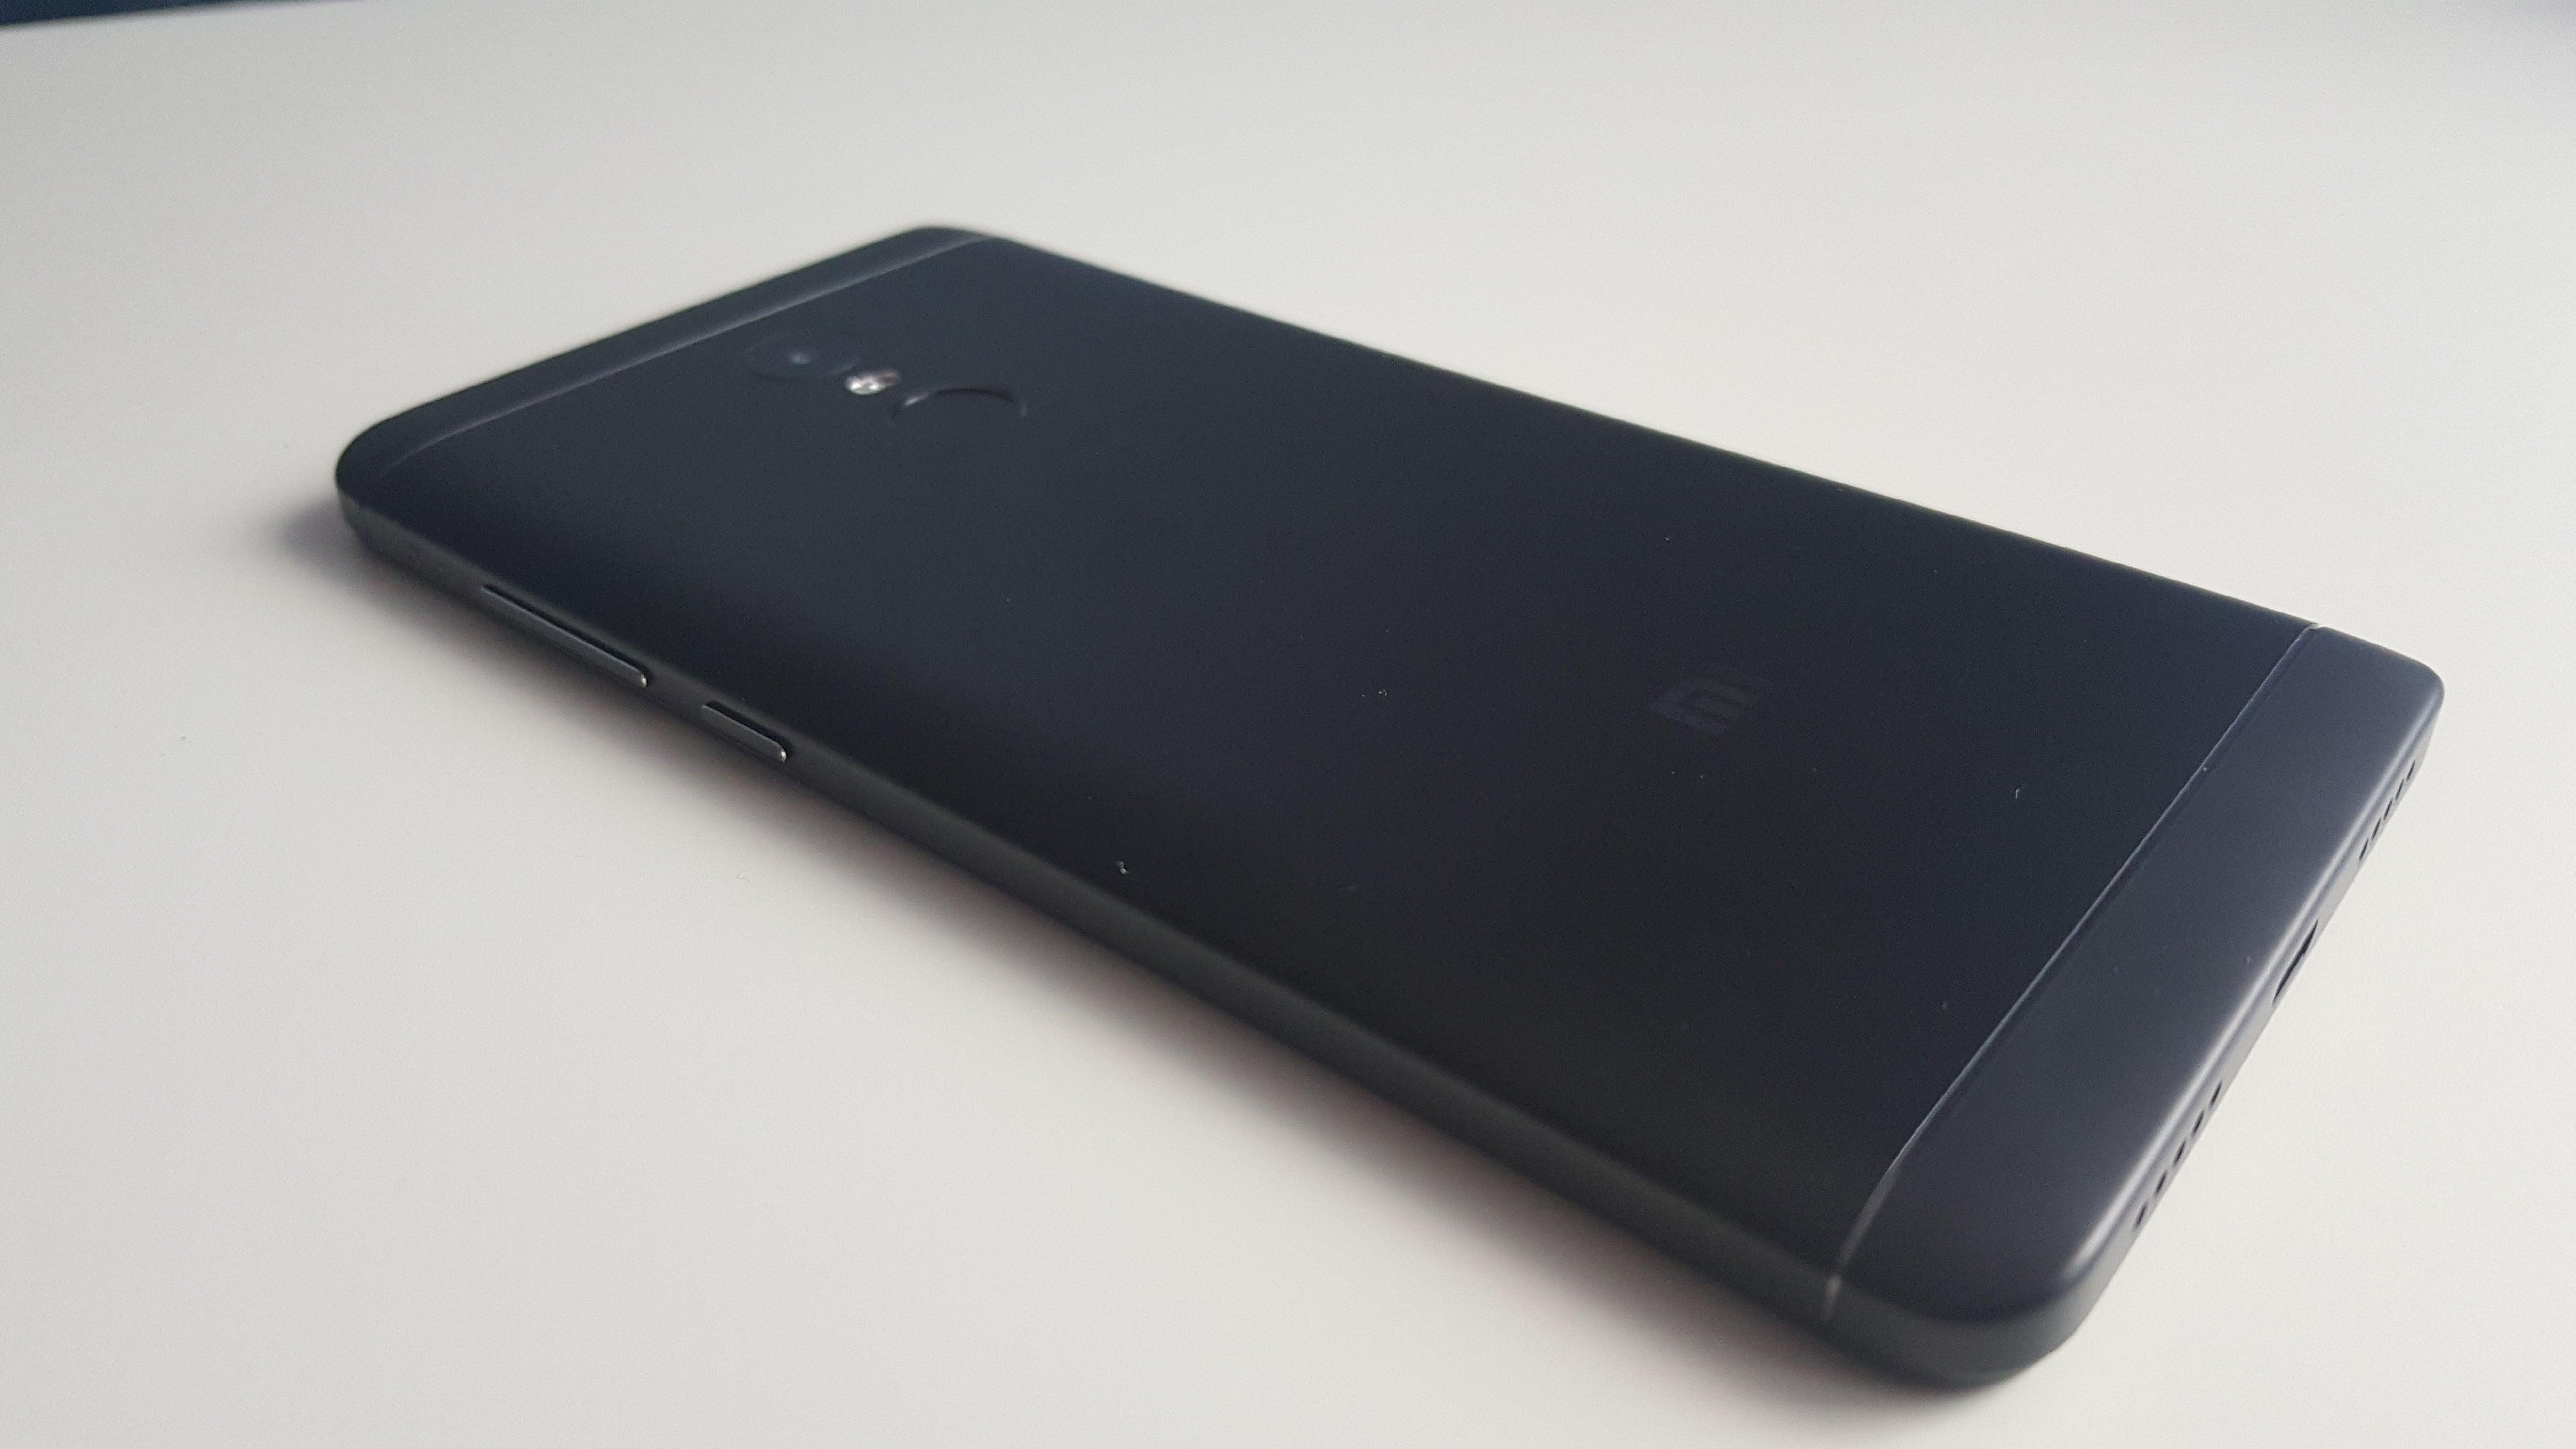 Xiaomi Redmi Note 5 jednak pojawi się na rynku? Podobno tak, i ma mieć procesor Snapdragon 632 21